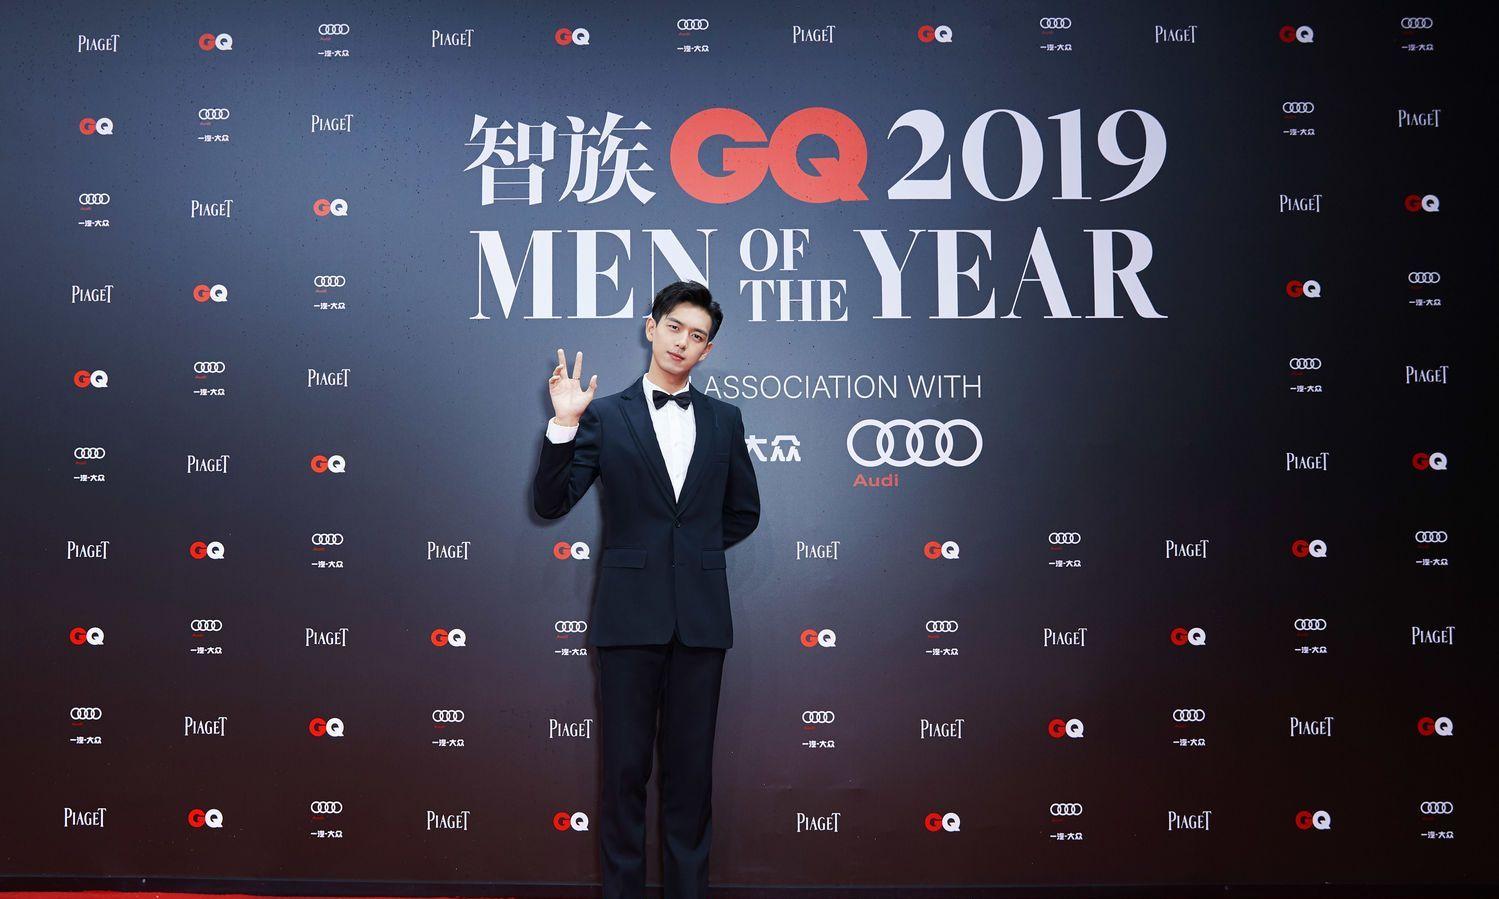 2019智族GQ年度人物盛典中李现、朱一龙、李易峰等惊艳亮相